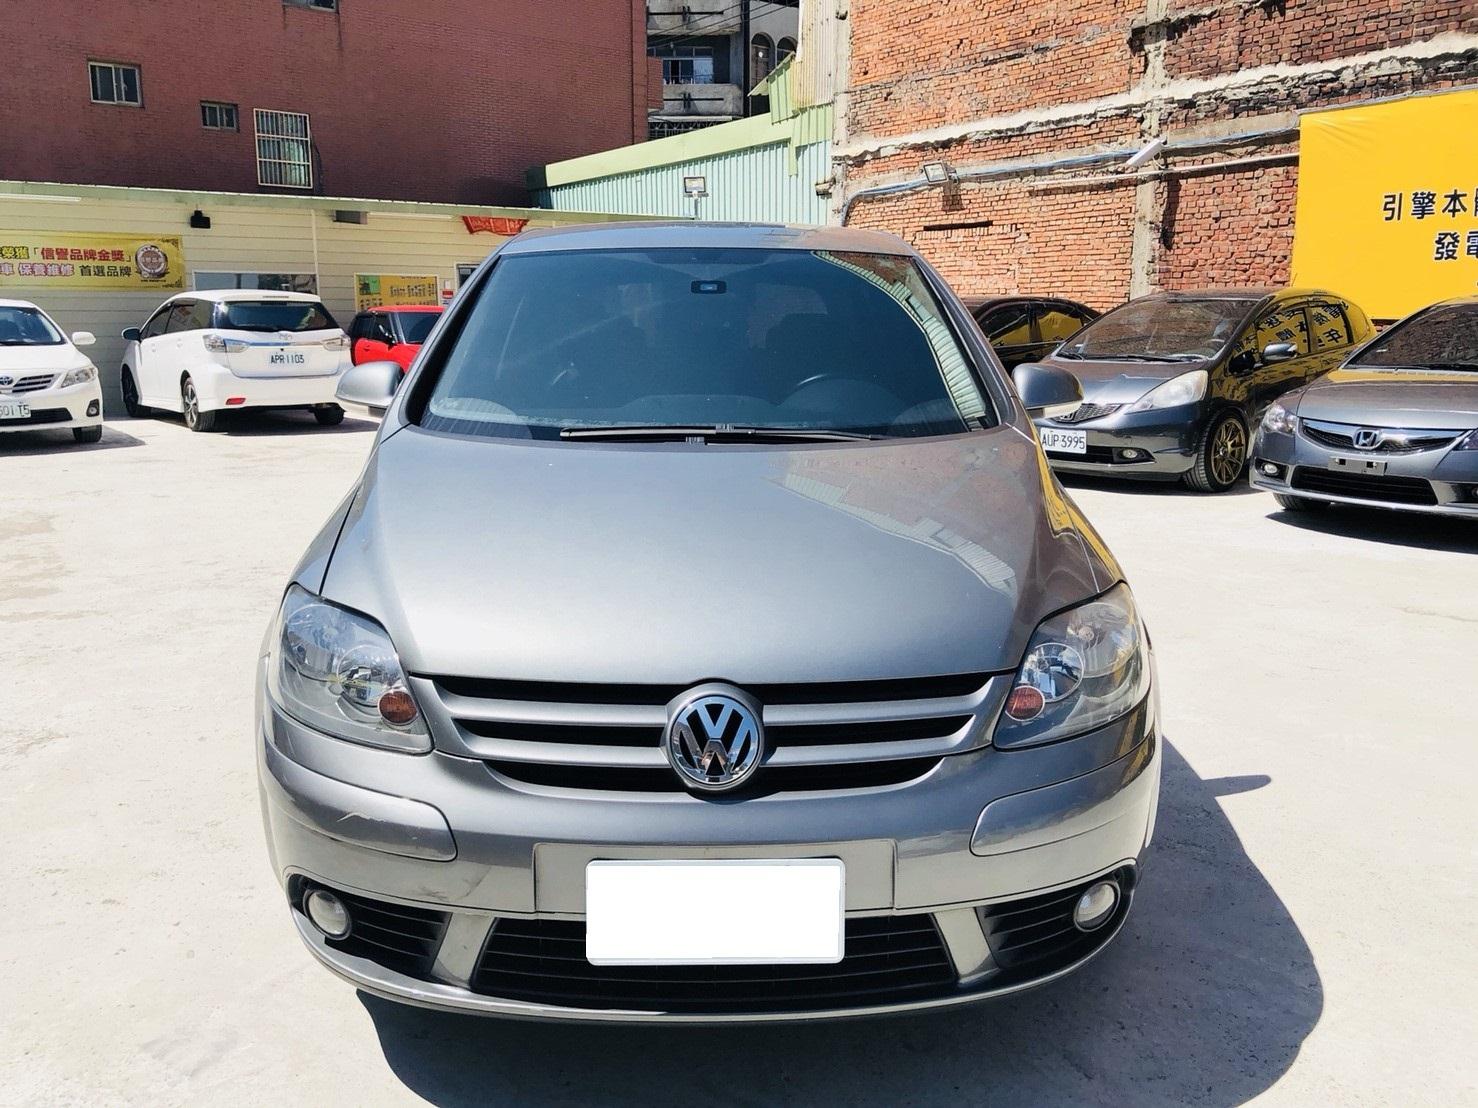 2007 Volkswagen 福斯 Golf plus